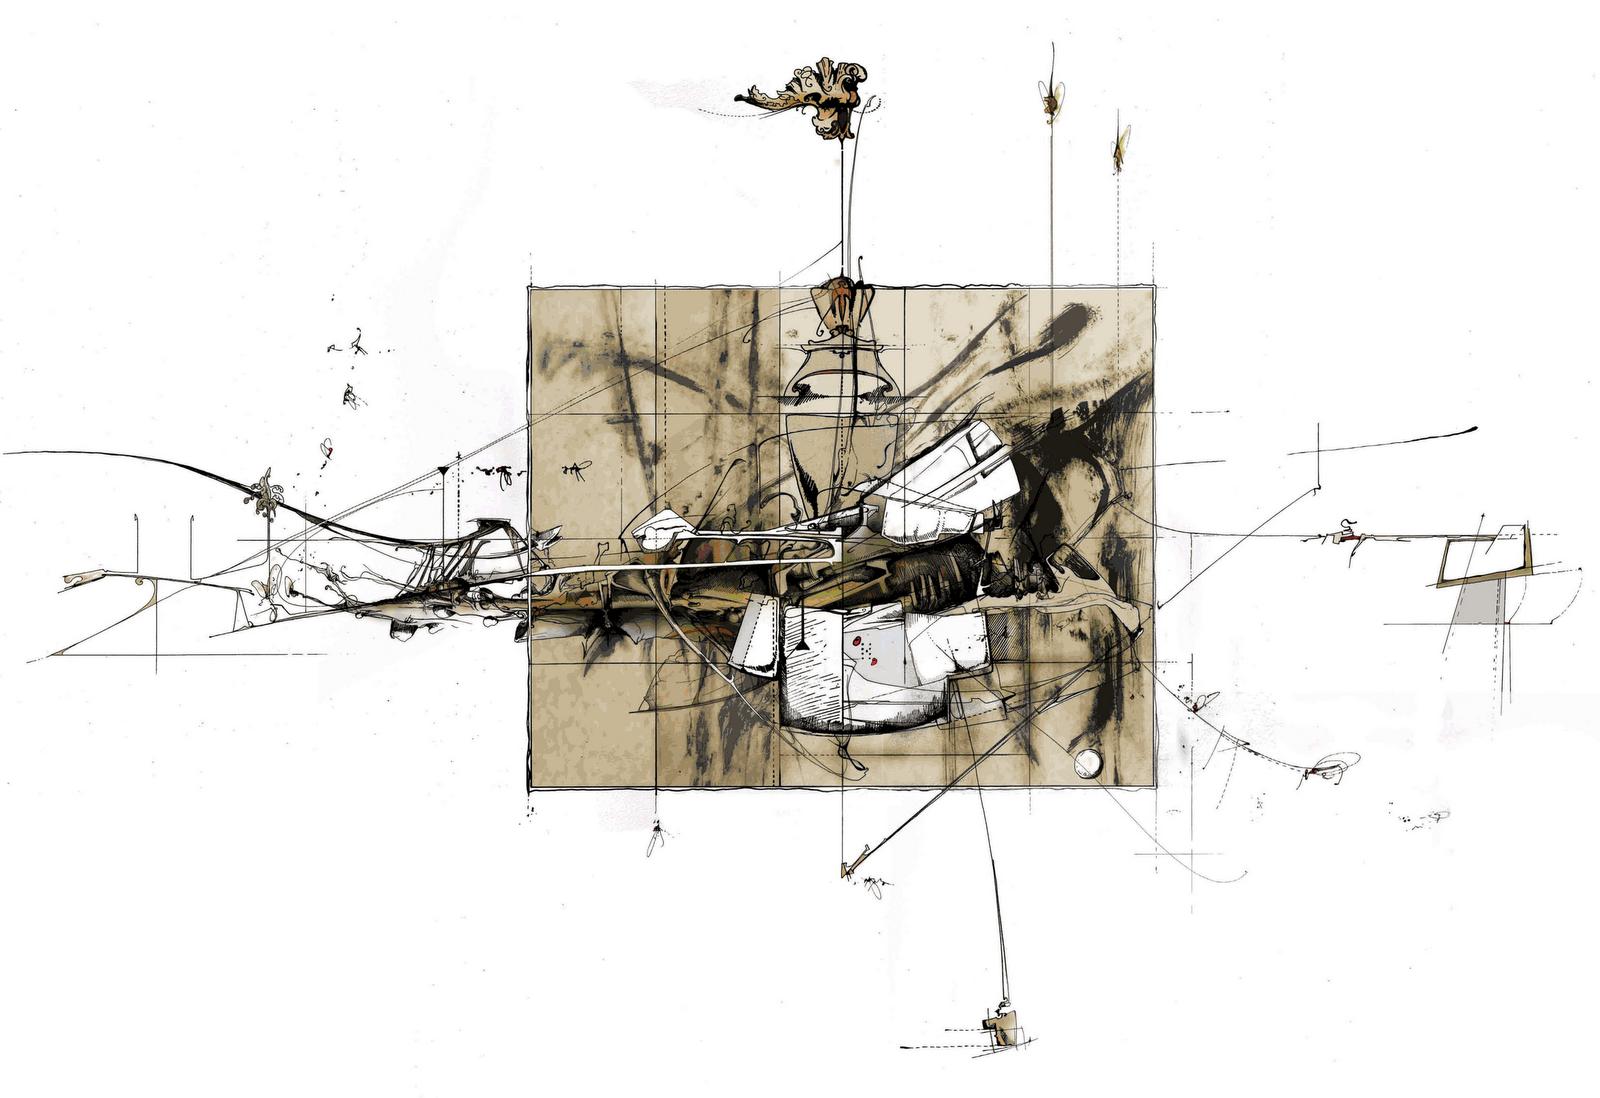 Simple Atom Diagram Milbank Meter Base Wiring Artitecture: Dan Slavinsky - Architect